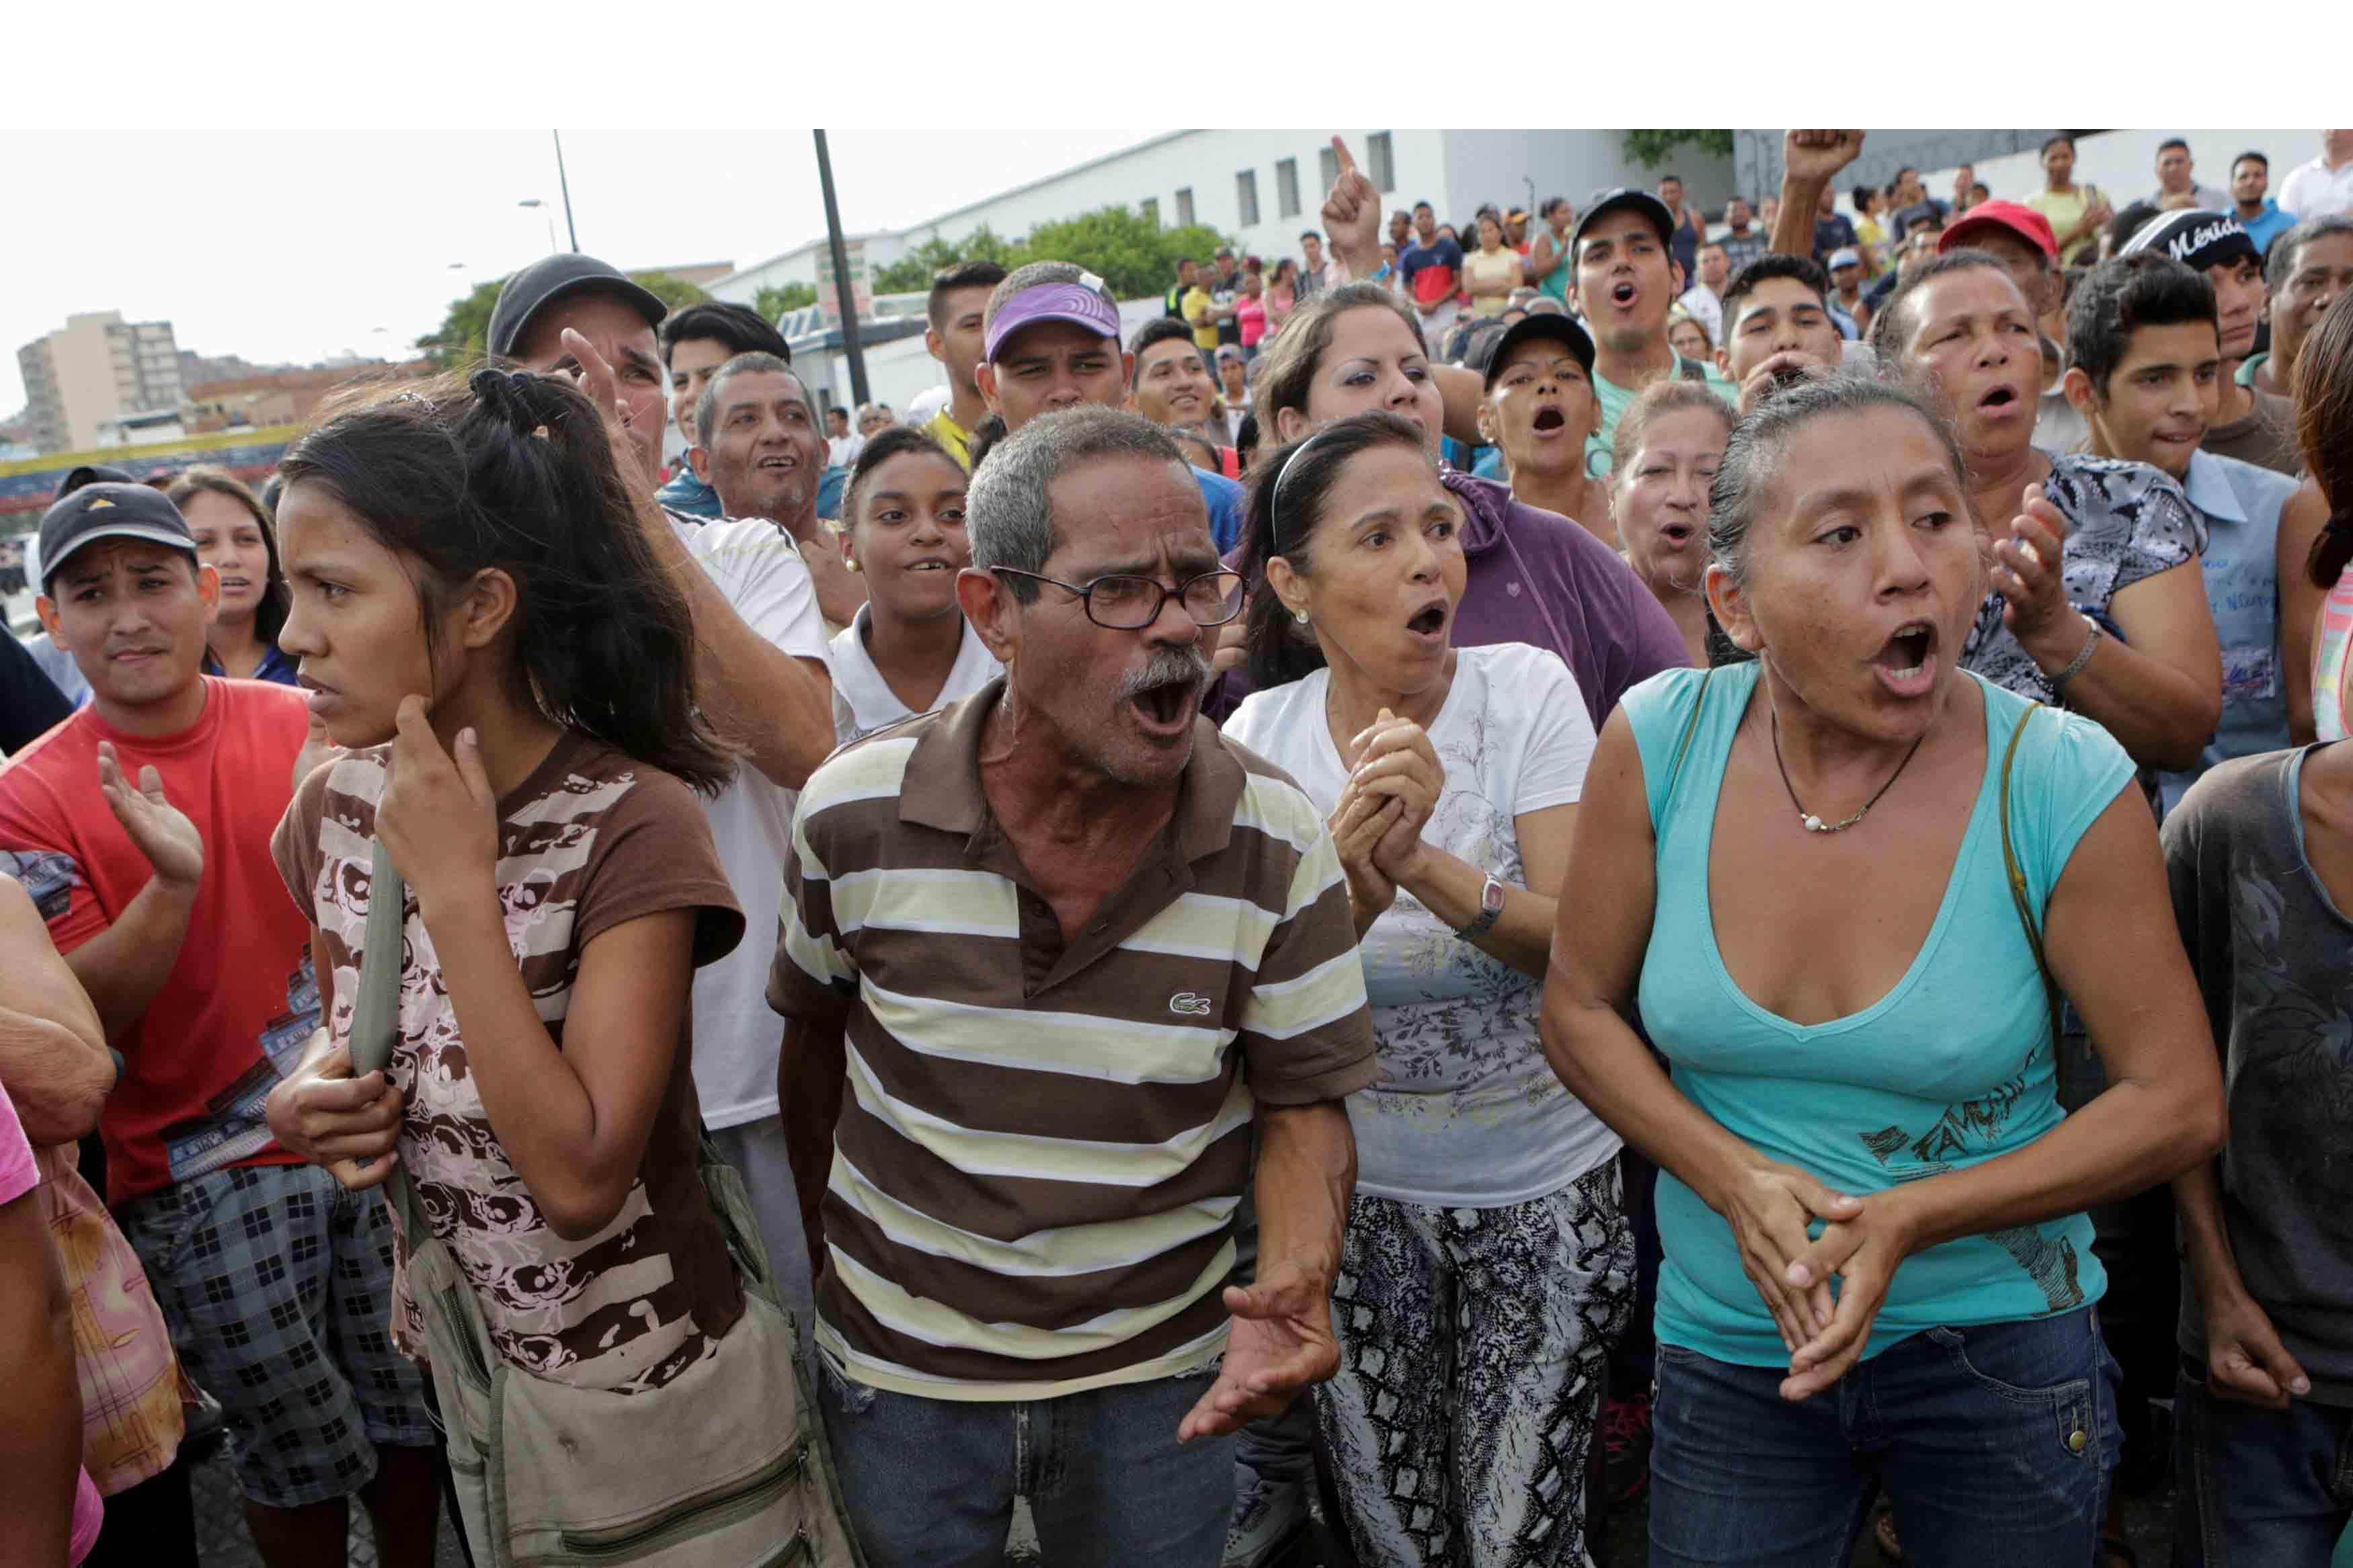 La diputada Paz, de la región de Sucre, dijo que recibió informaciones de que se registraron 2 muertos y 25 heridos durante los saqueos